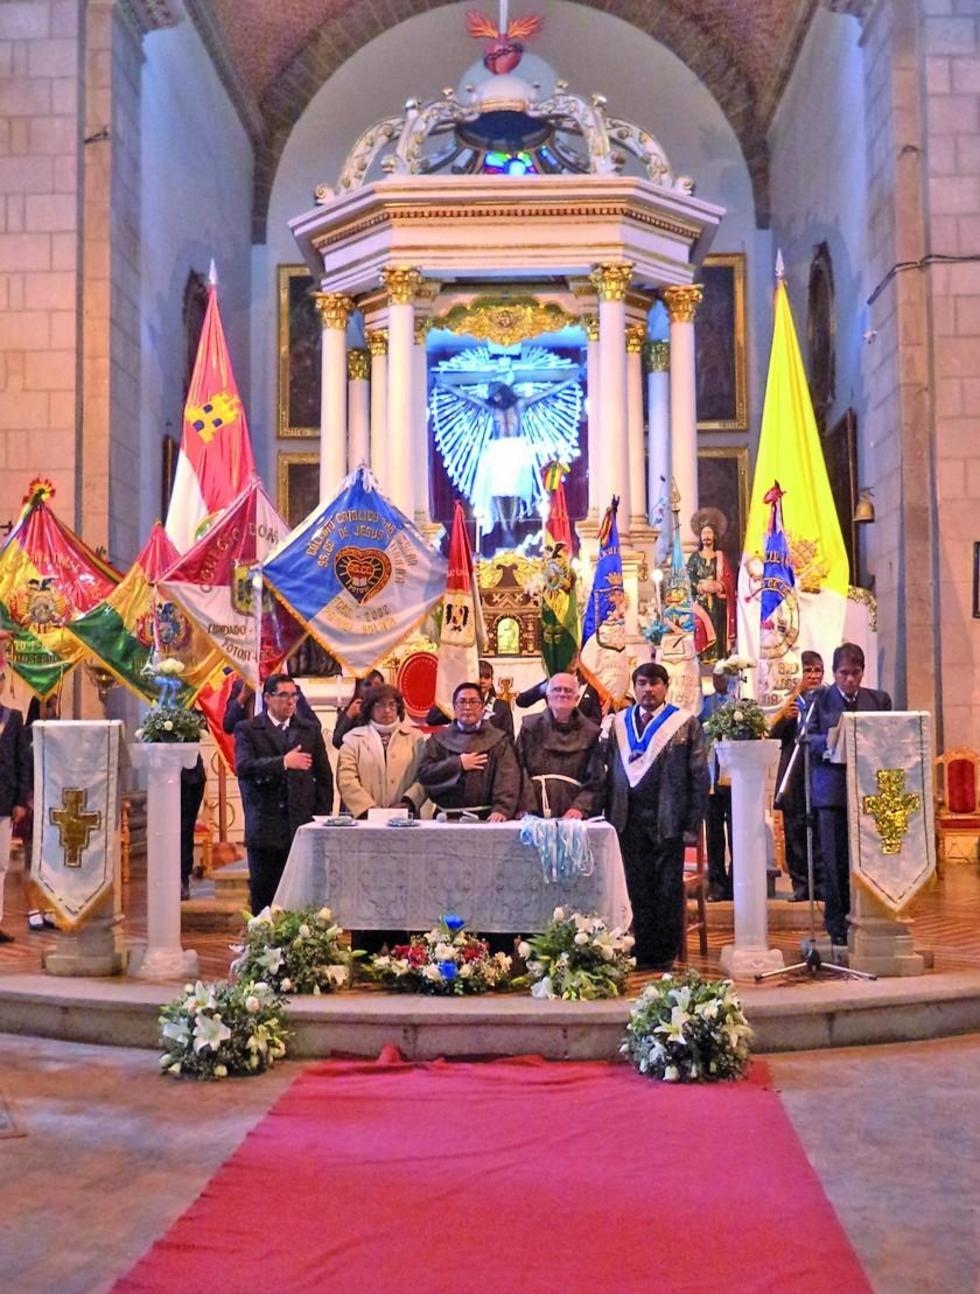 El acto se desarrolló en el templo de San Antonio de Padua.